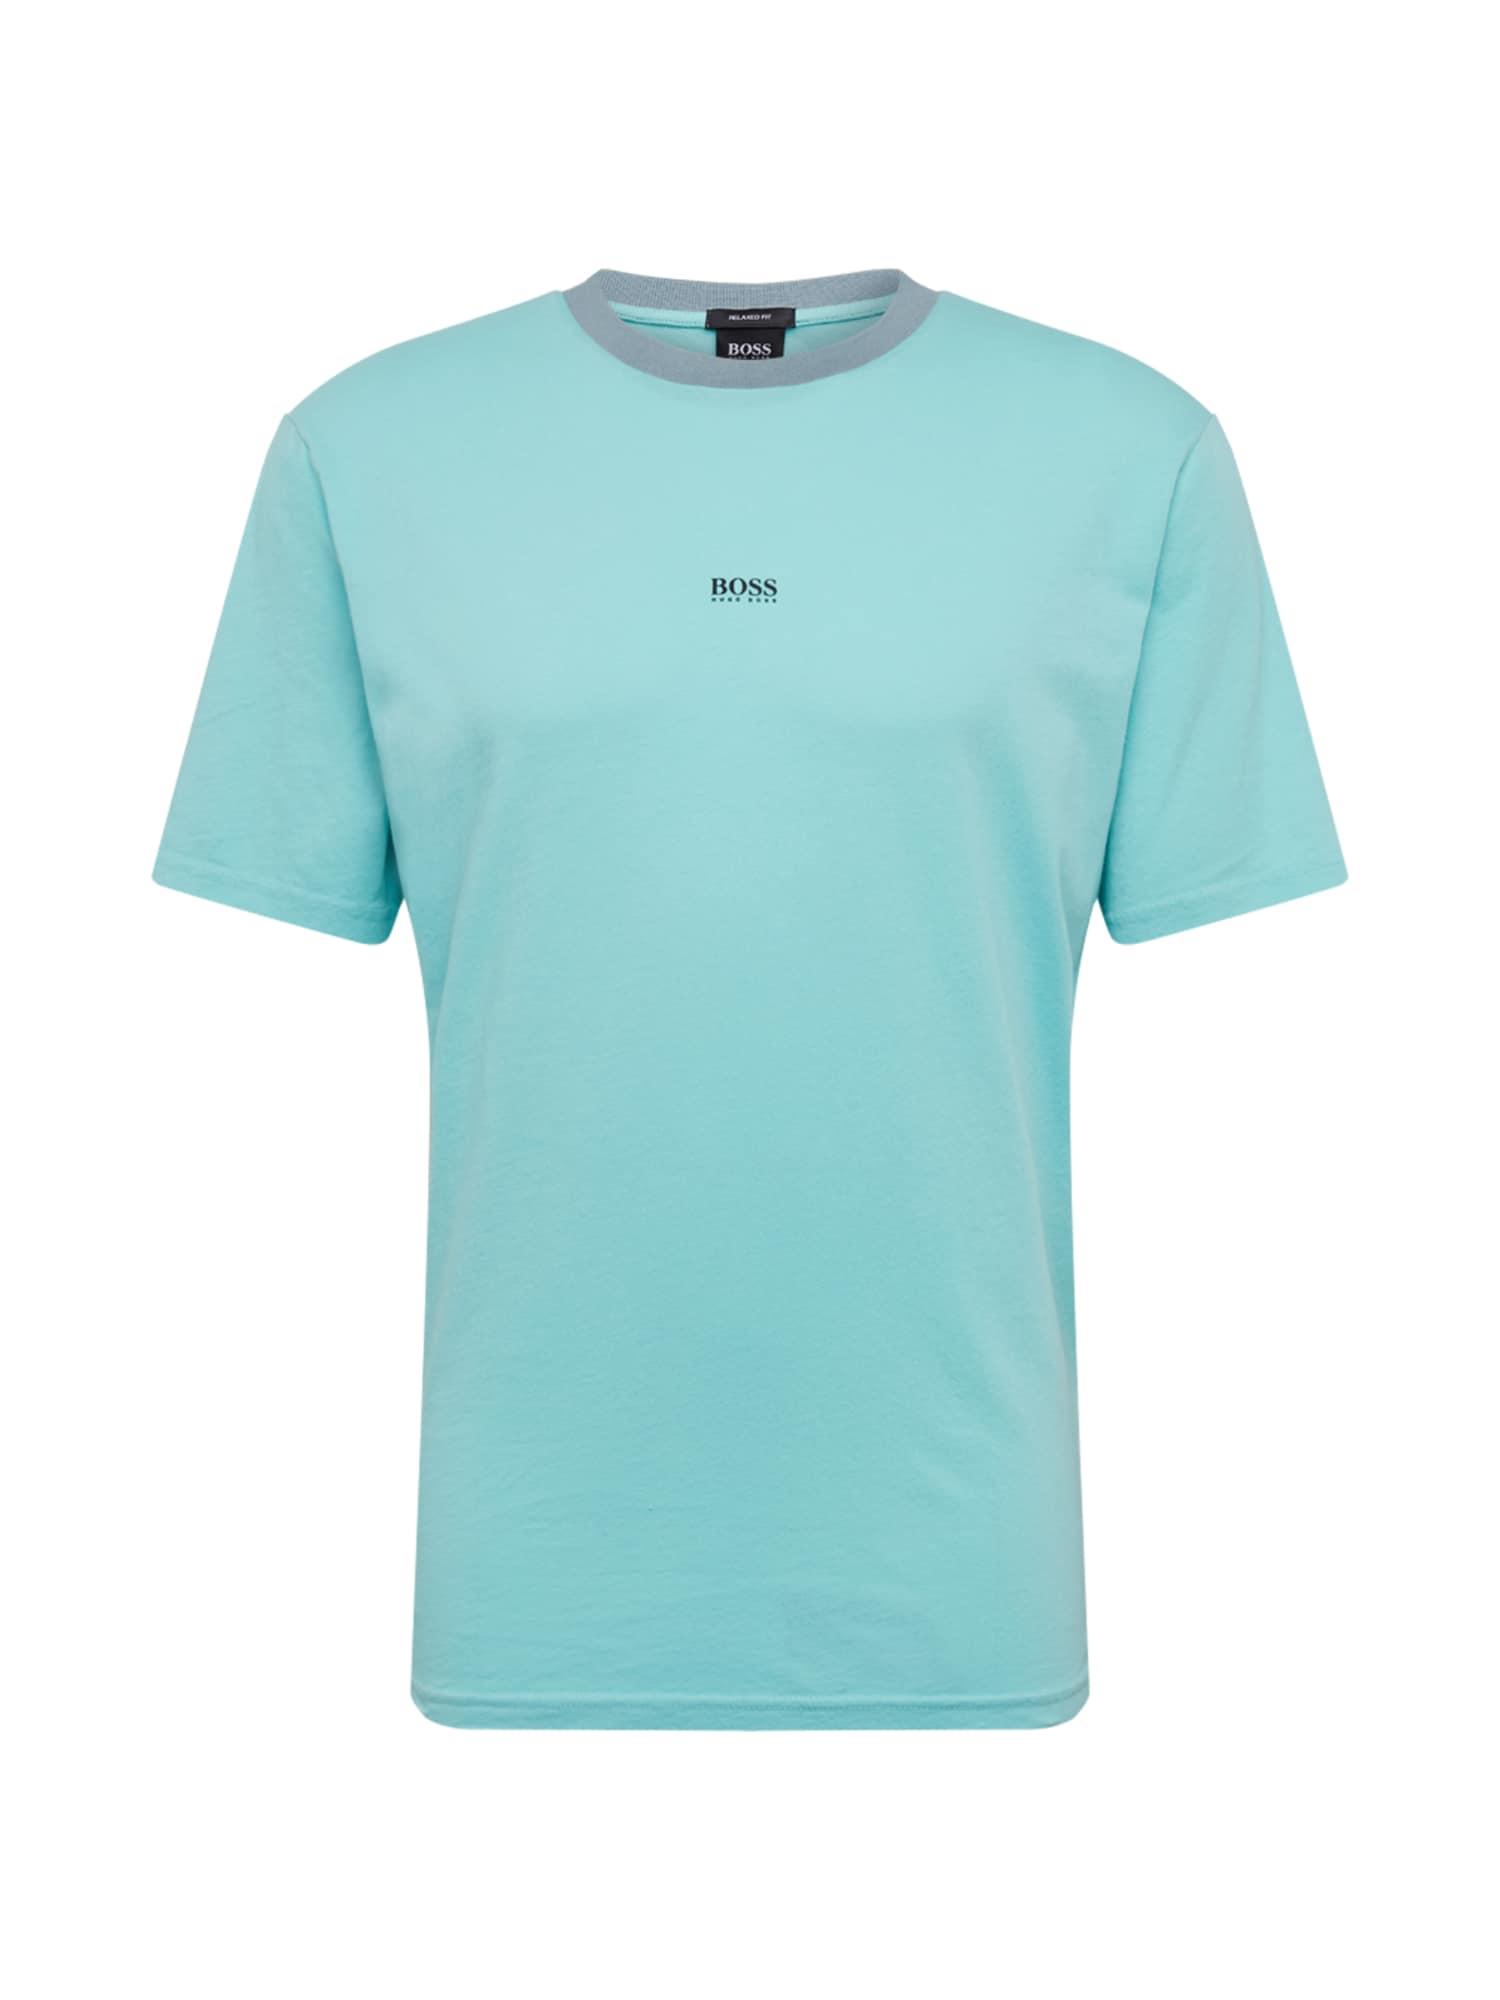 BOSS Marškinėliai mėtų spalva